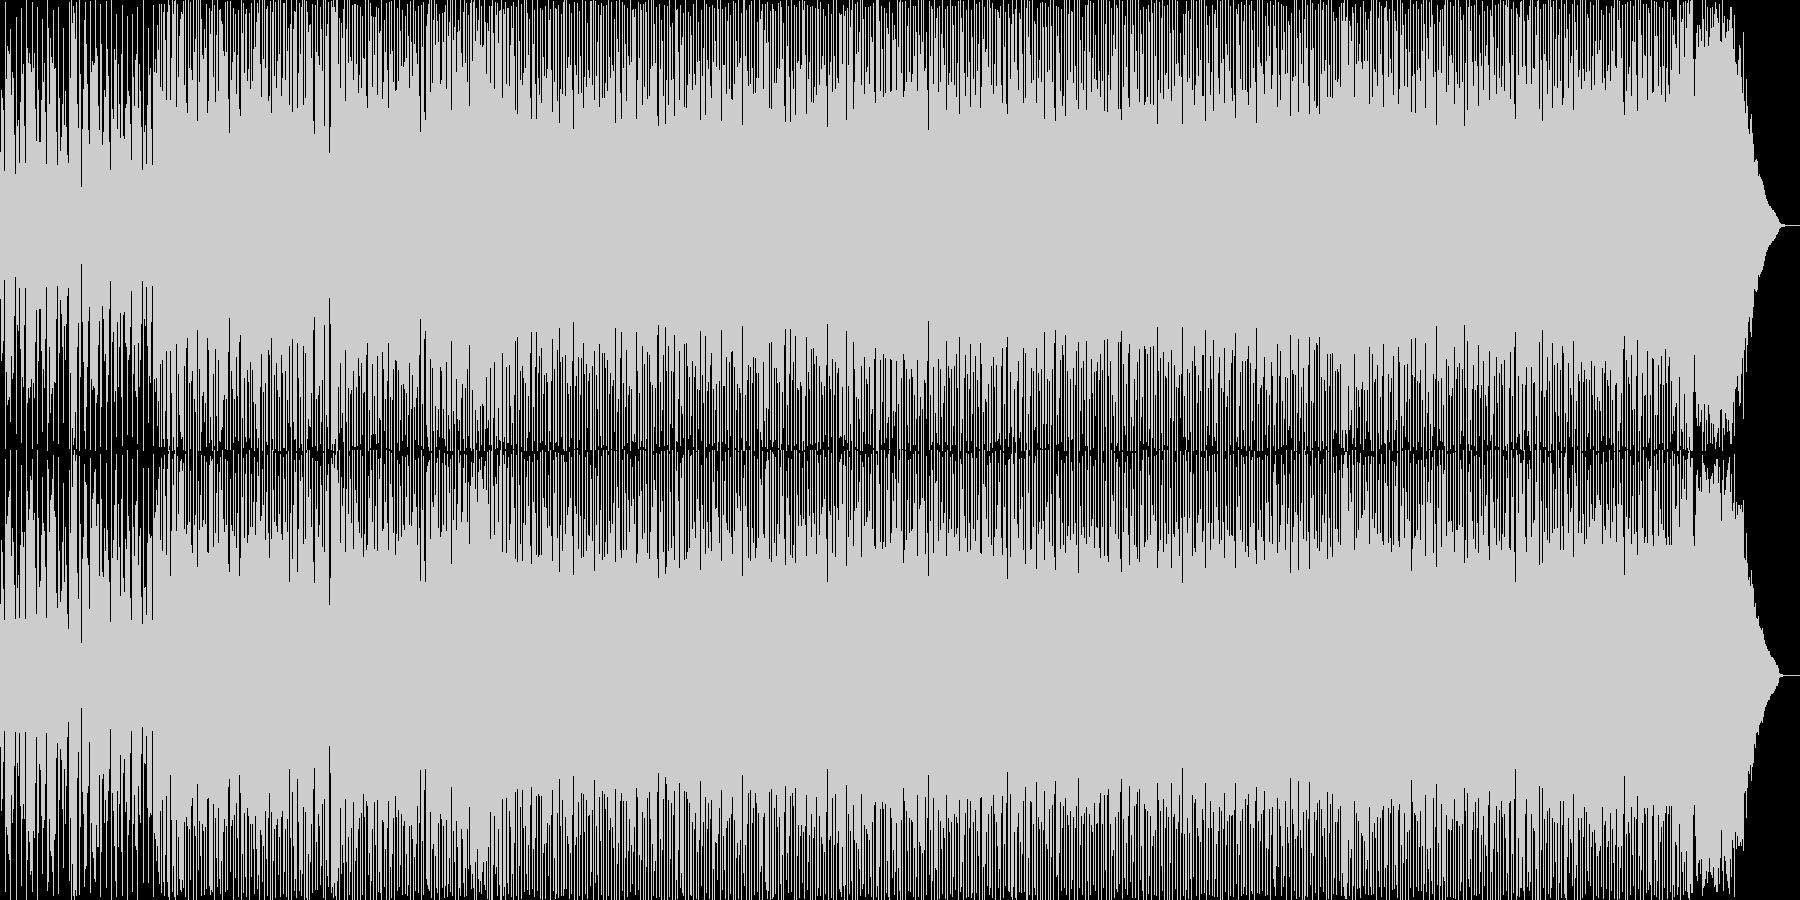 ゴリゴリのテクノトラックの未再生の波形